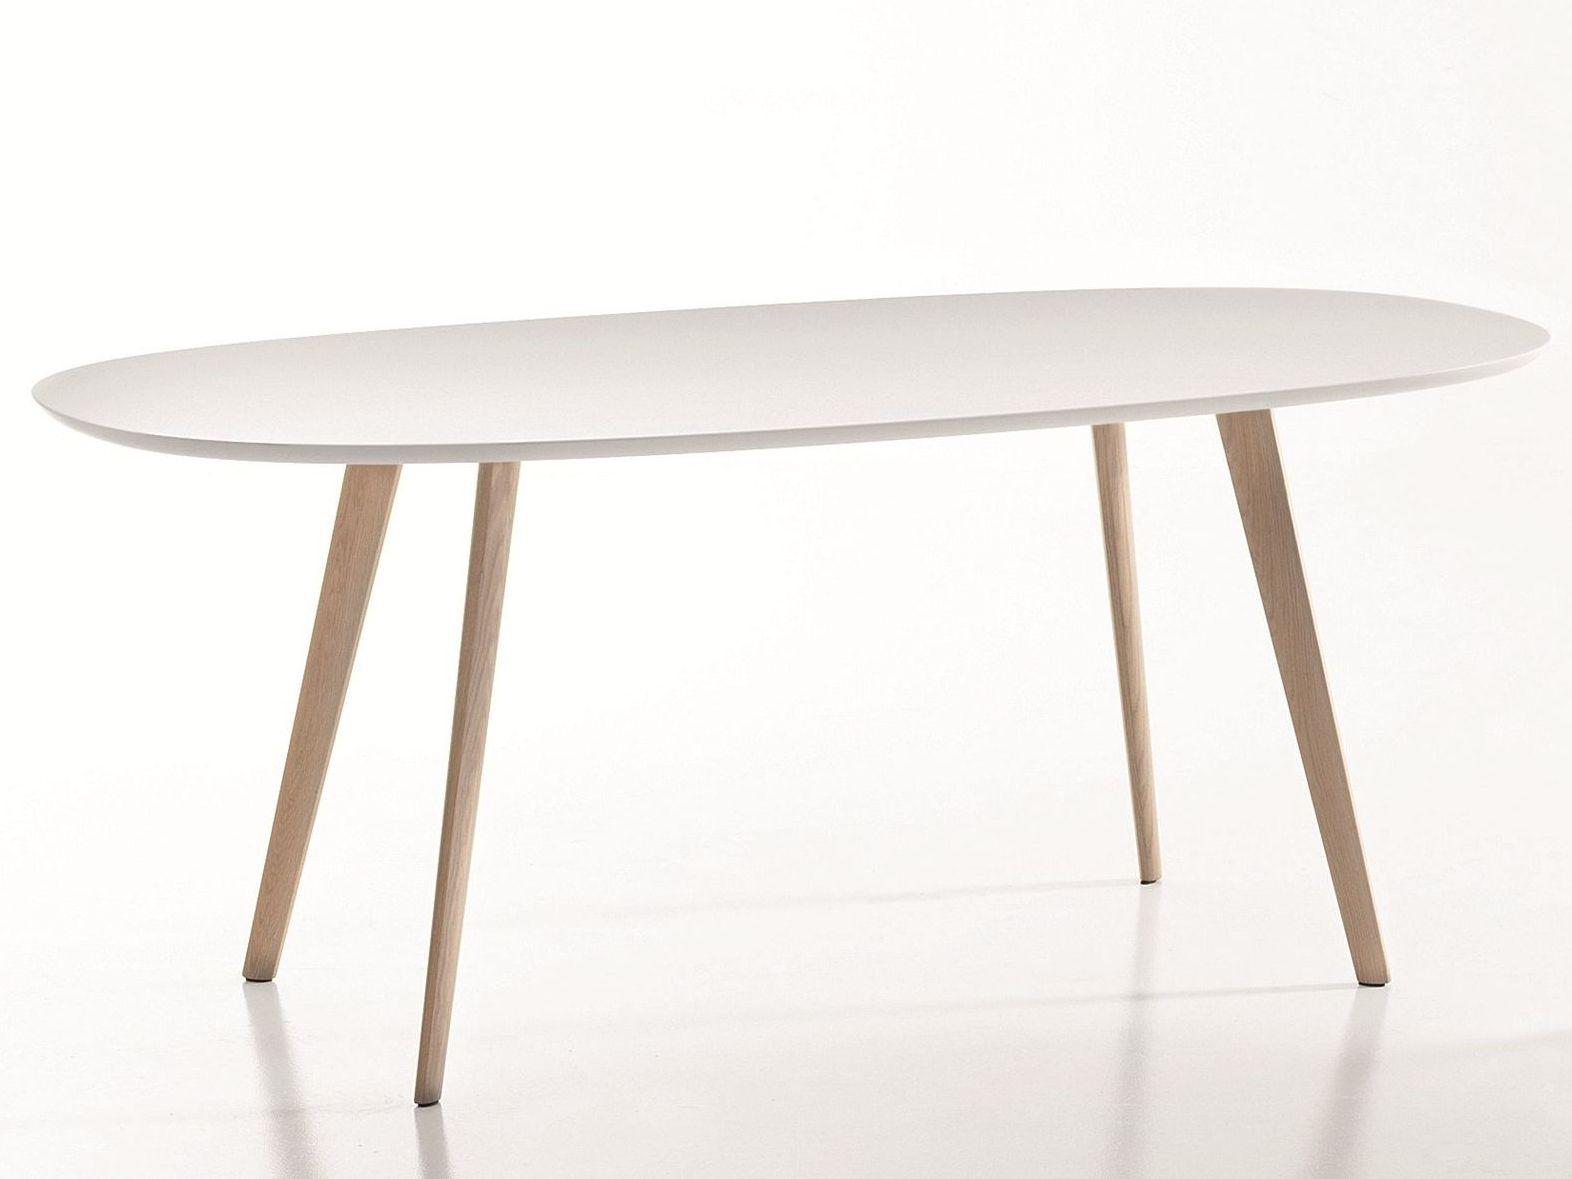 Gher tavolo ovale by arper design lievore altherr molina - Tavolo ovale mondo convenienza ...